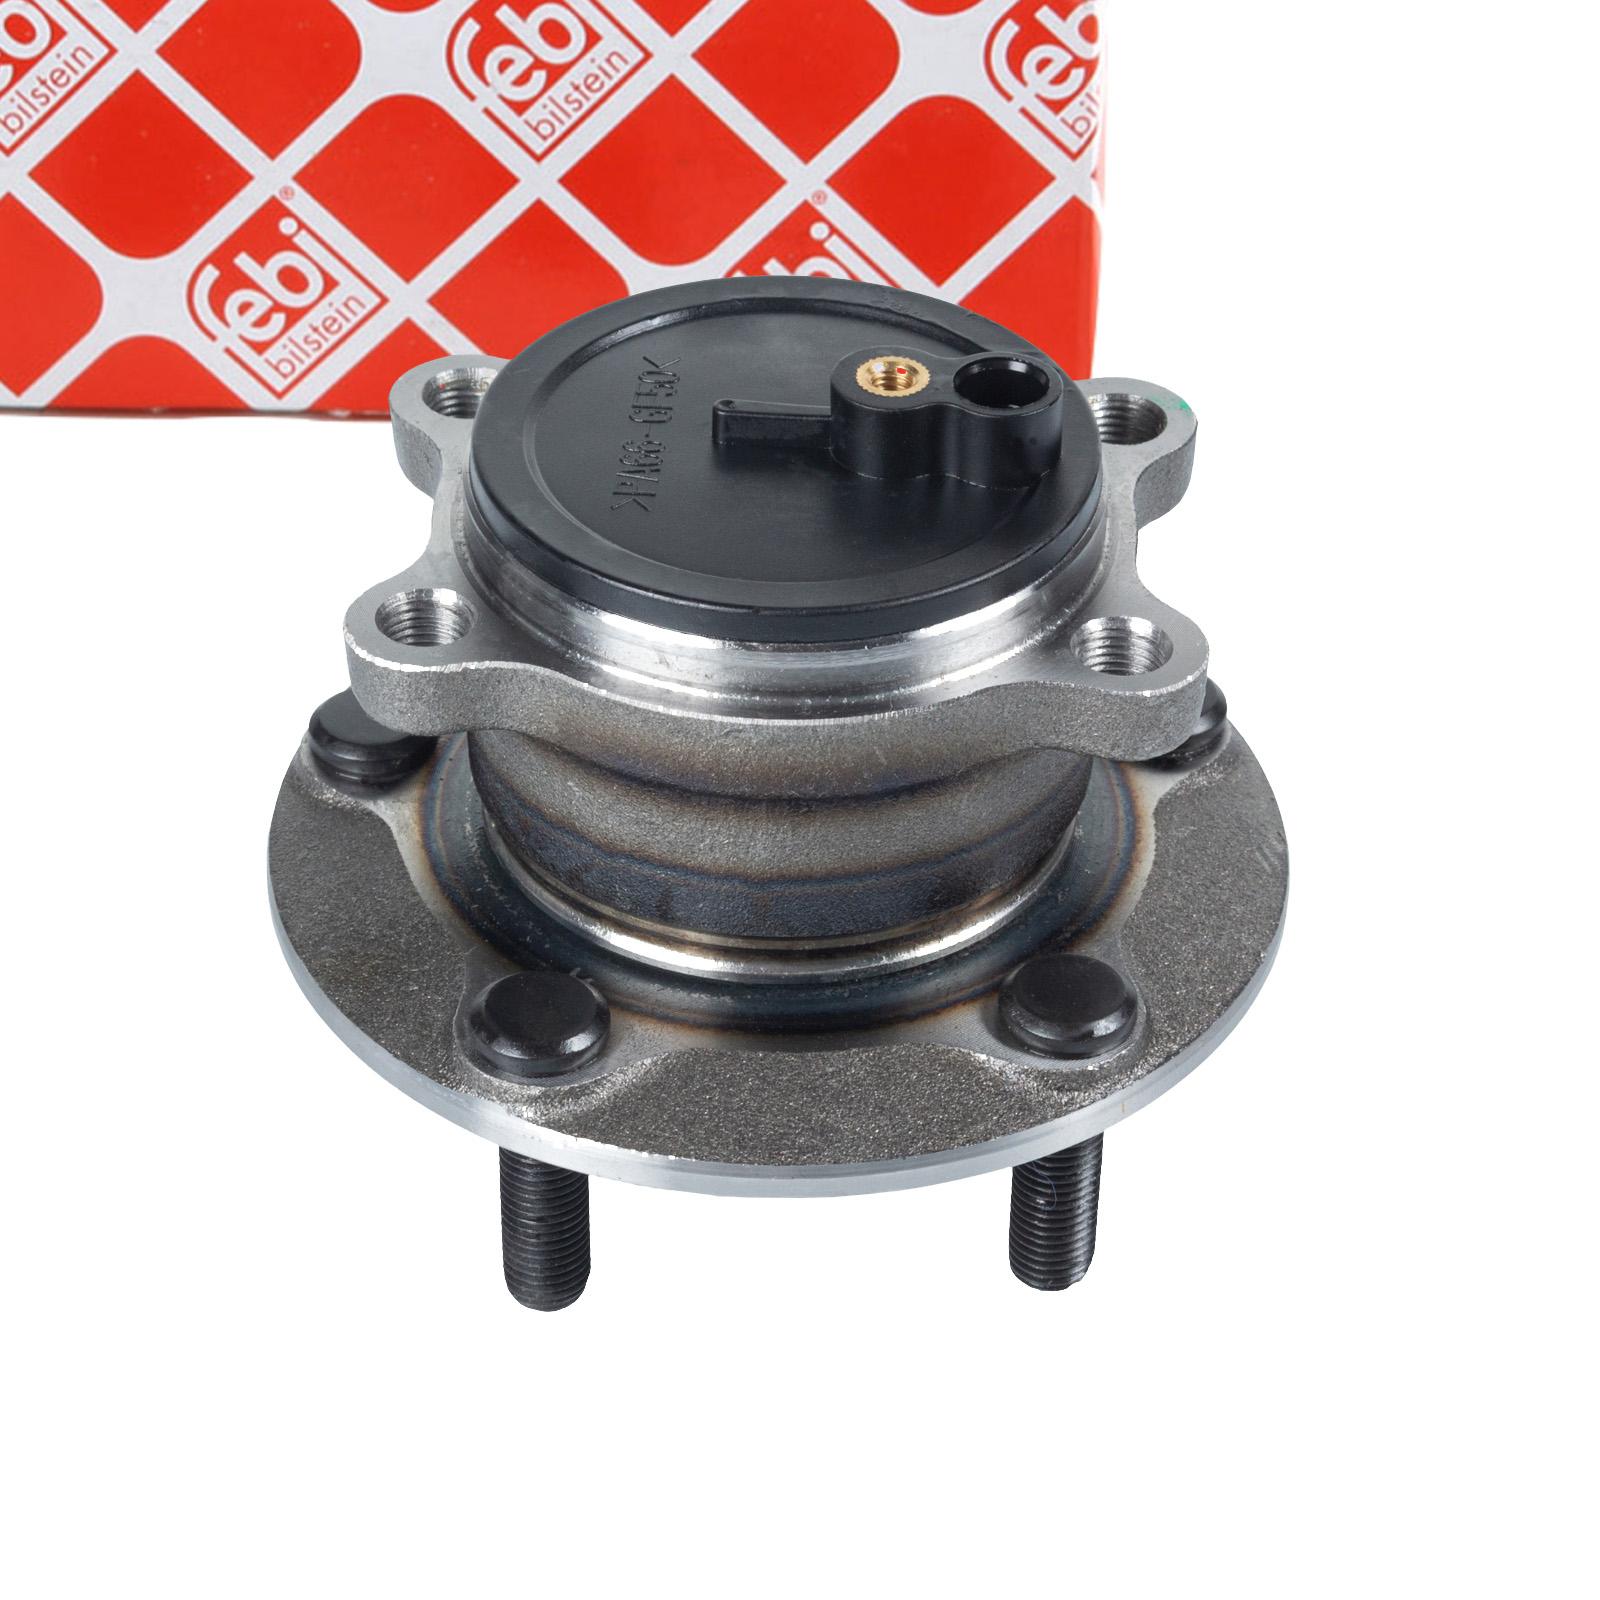 FEBI 101370 Radlagersatz Radnabe Radlager MAZDA 3 (BM) 6 (GJ) CX-5 (KE) hinten KD312615XB